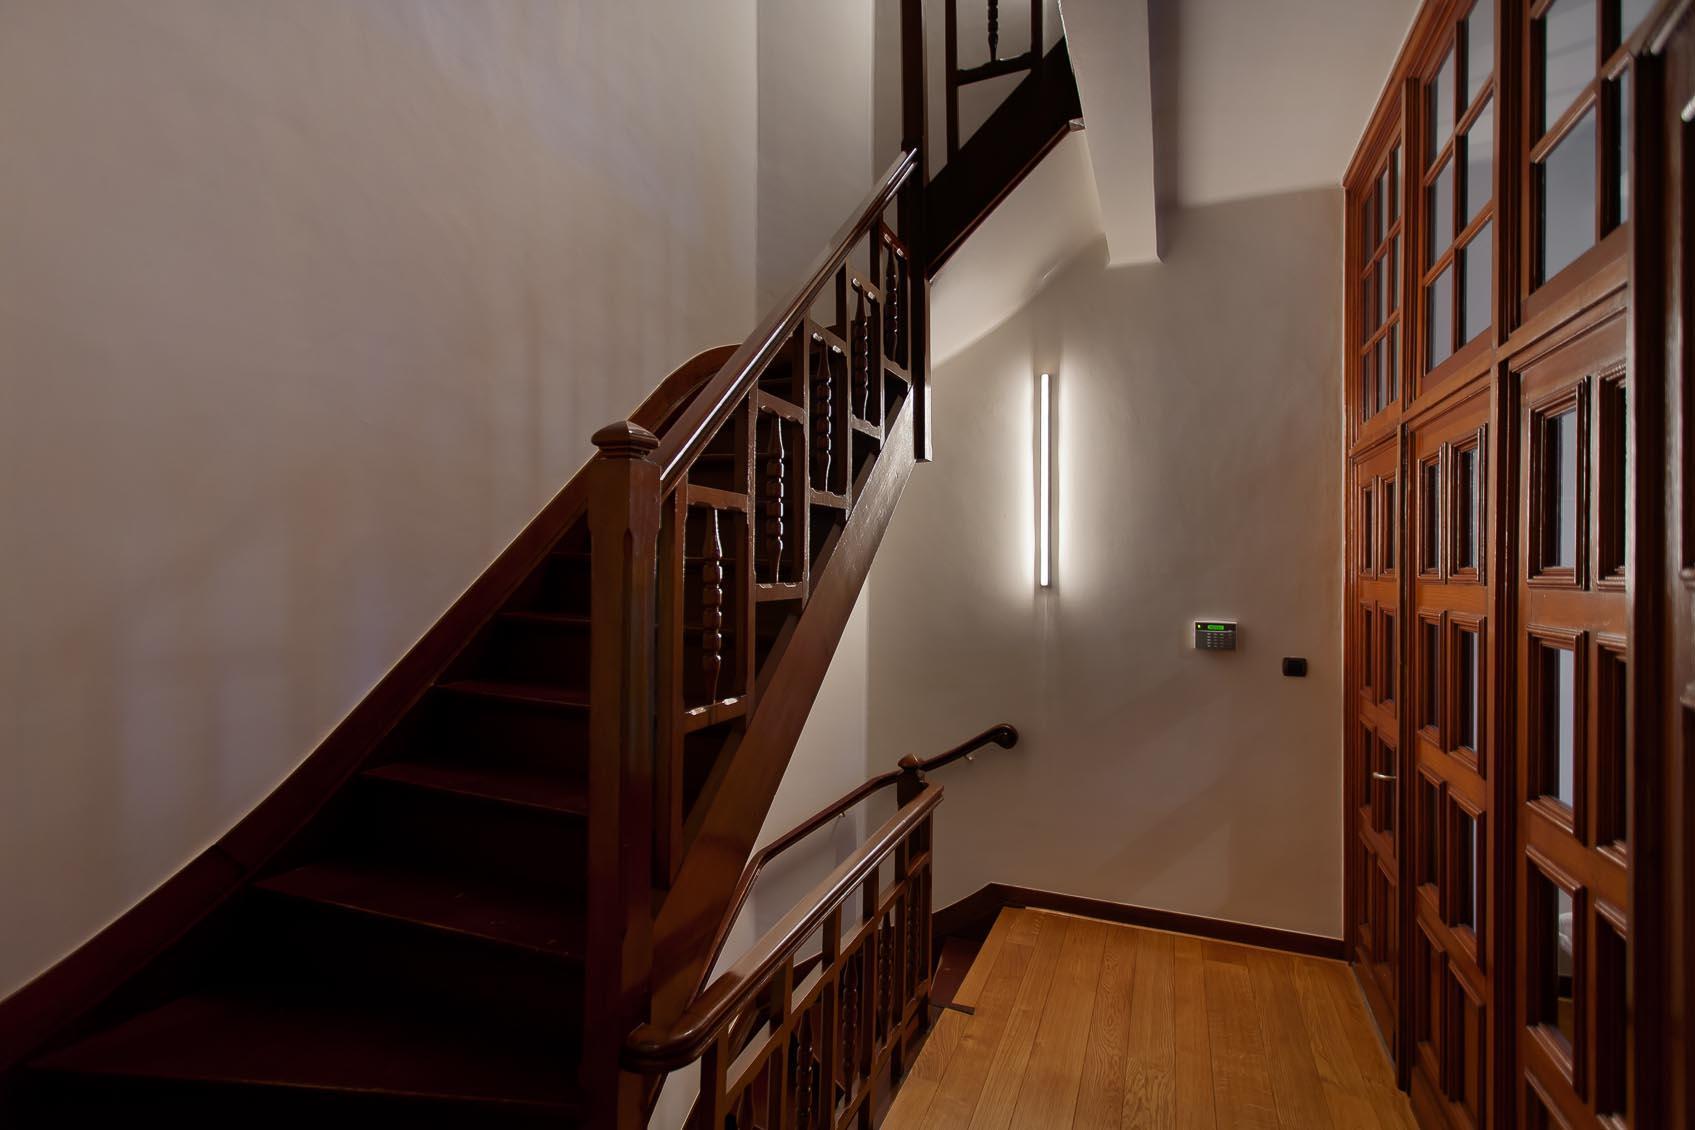 Lichtadvies voor de juiste sfeer en uitstraling door maatwerk linestra wandlampen